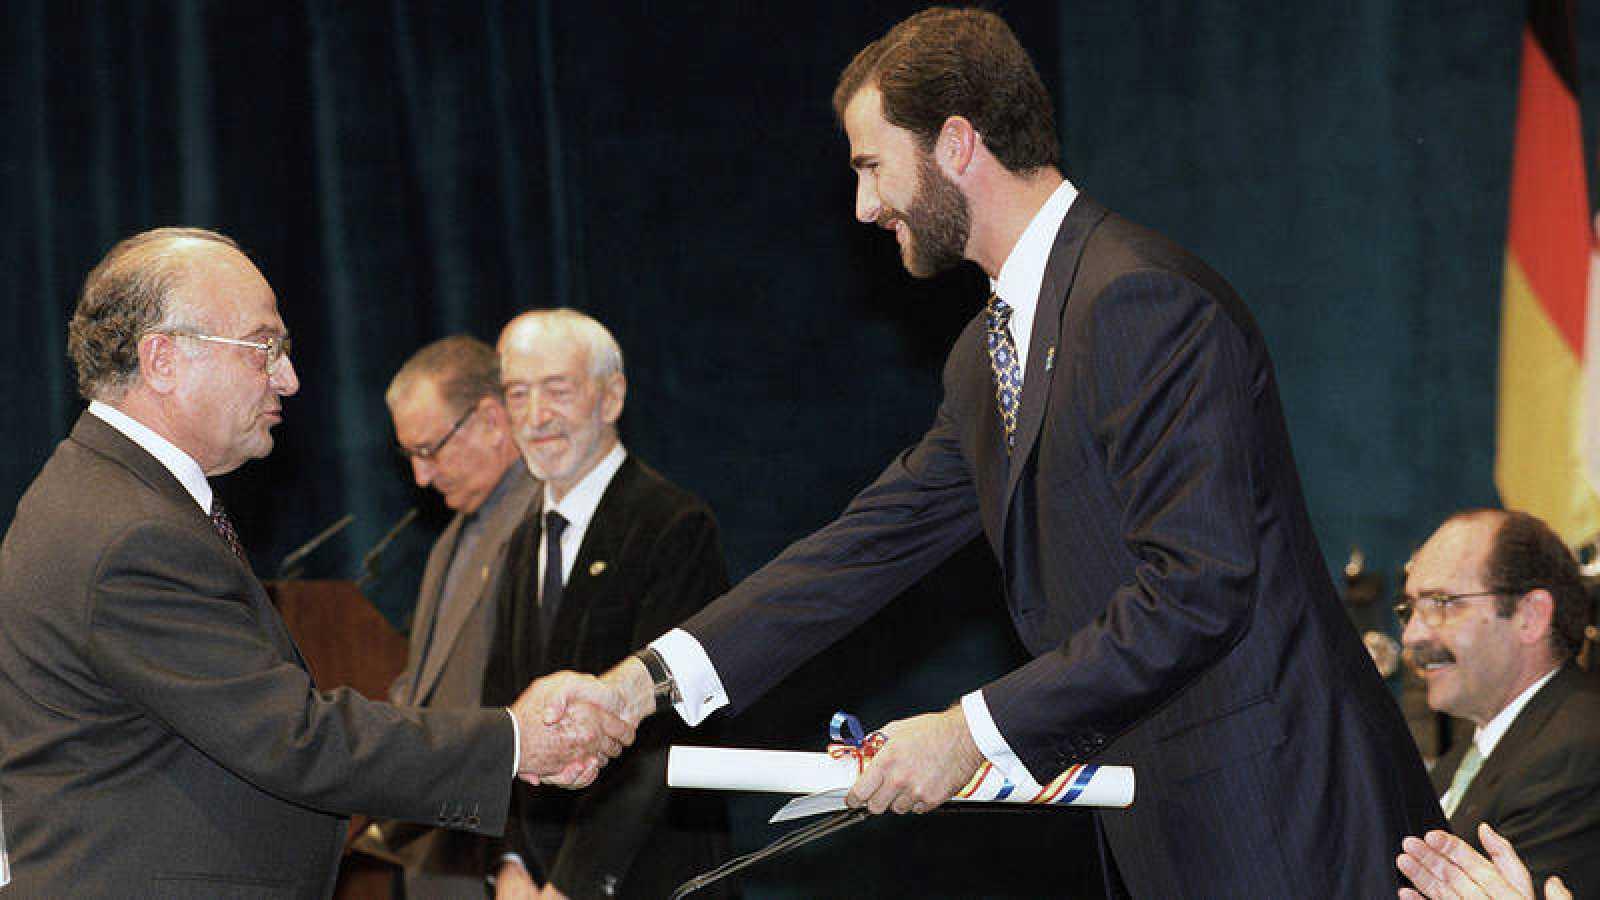 Joaquín Sanz Gadea recibe el Premio Príncipe de Asturias de la Concordia 1998